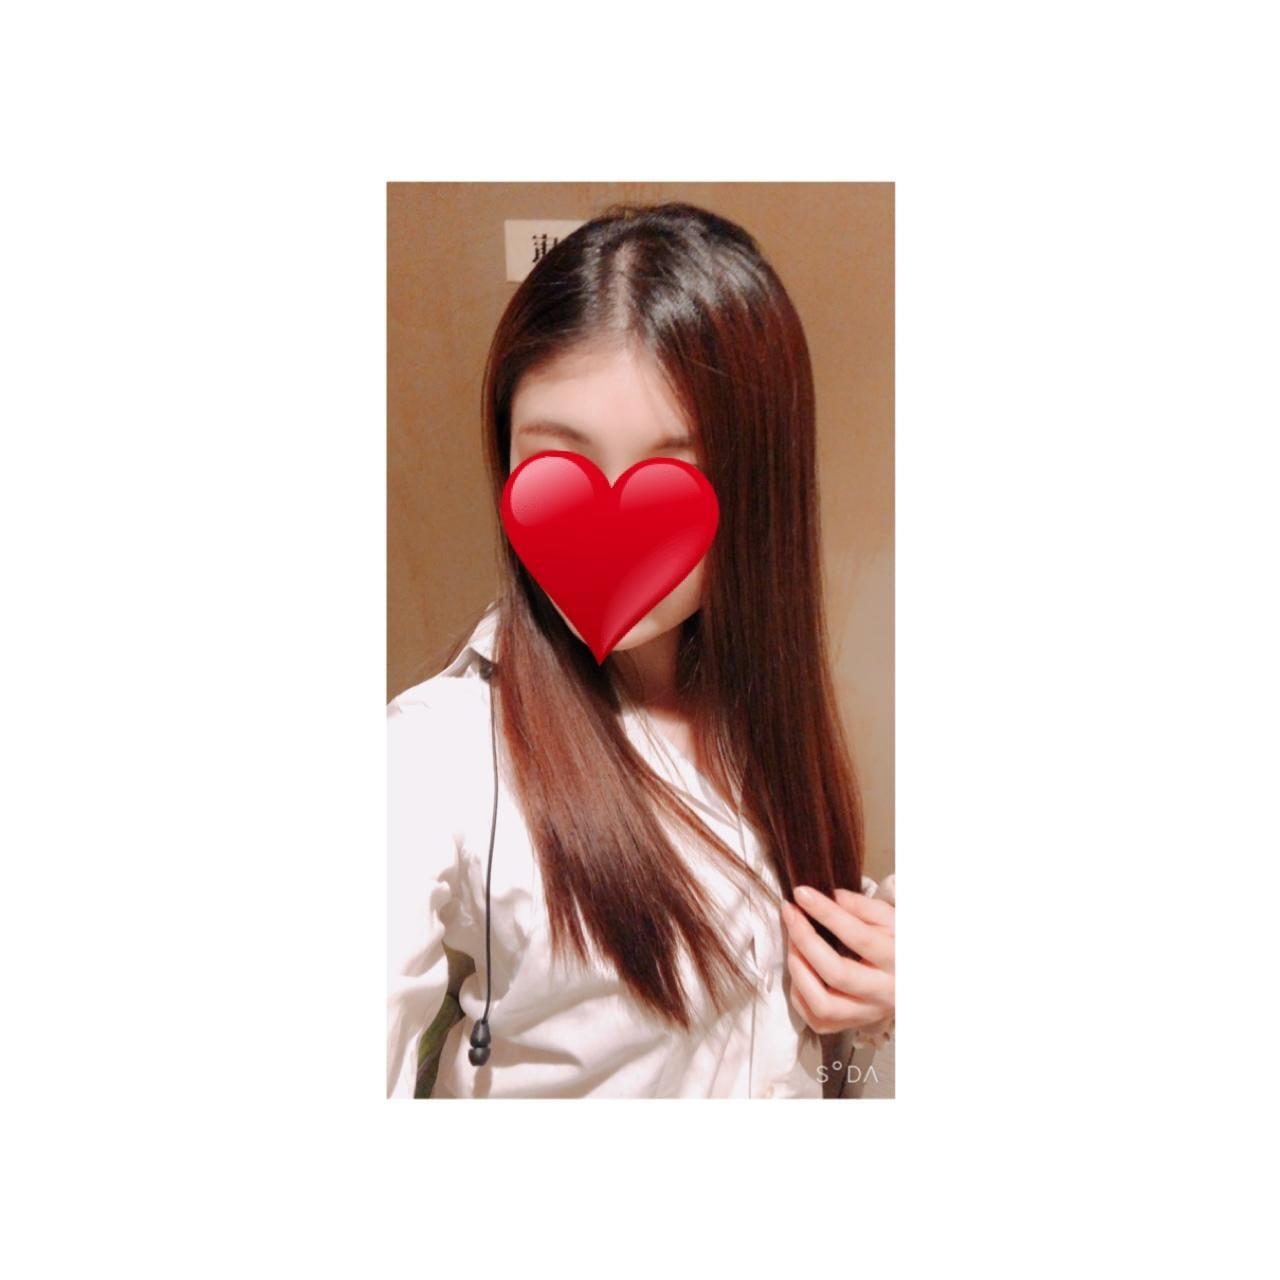 「こんばんは♪」04/12(04/12) 18:33 | Hanabi【ハナビ】の写メ・風俗動画